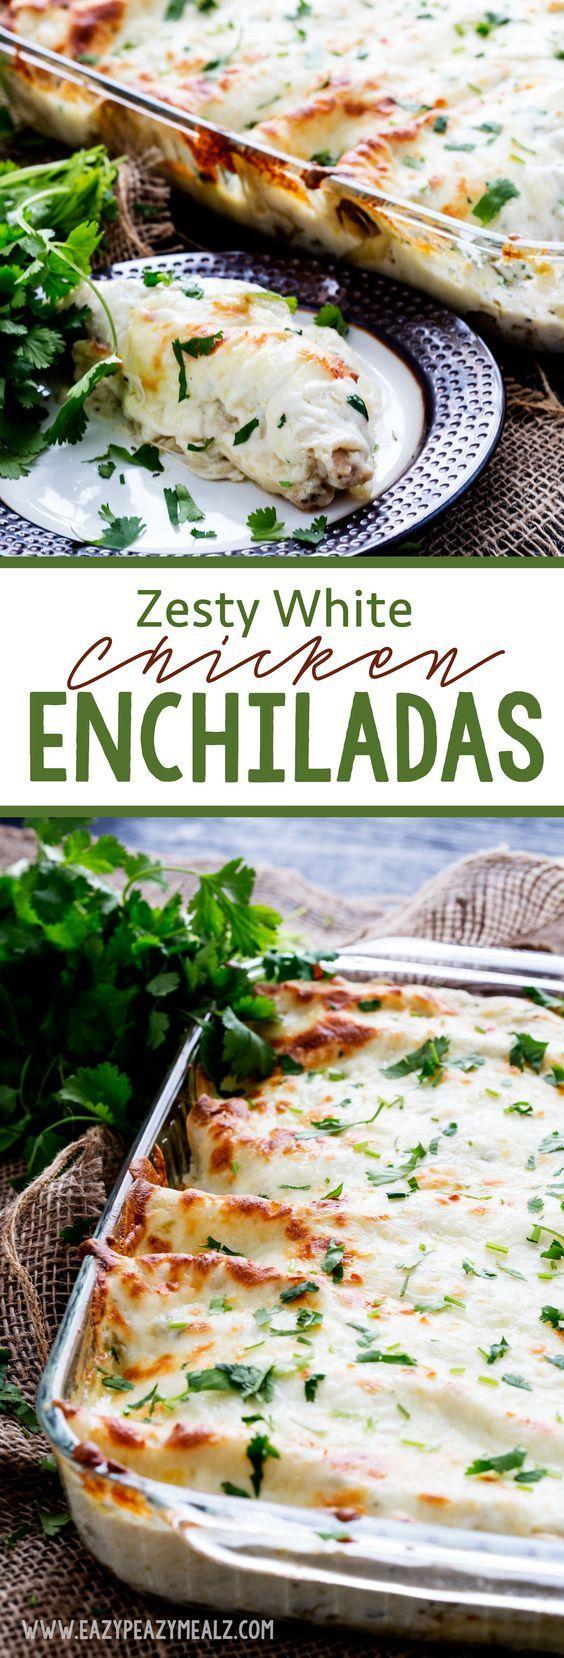 Zesty White Chicken Enchiladas with a zesty secret ingredient that makes them so…